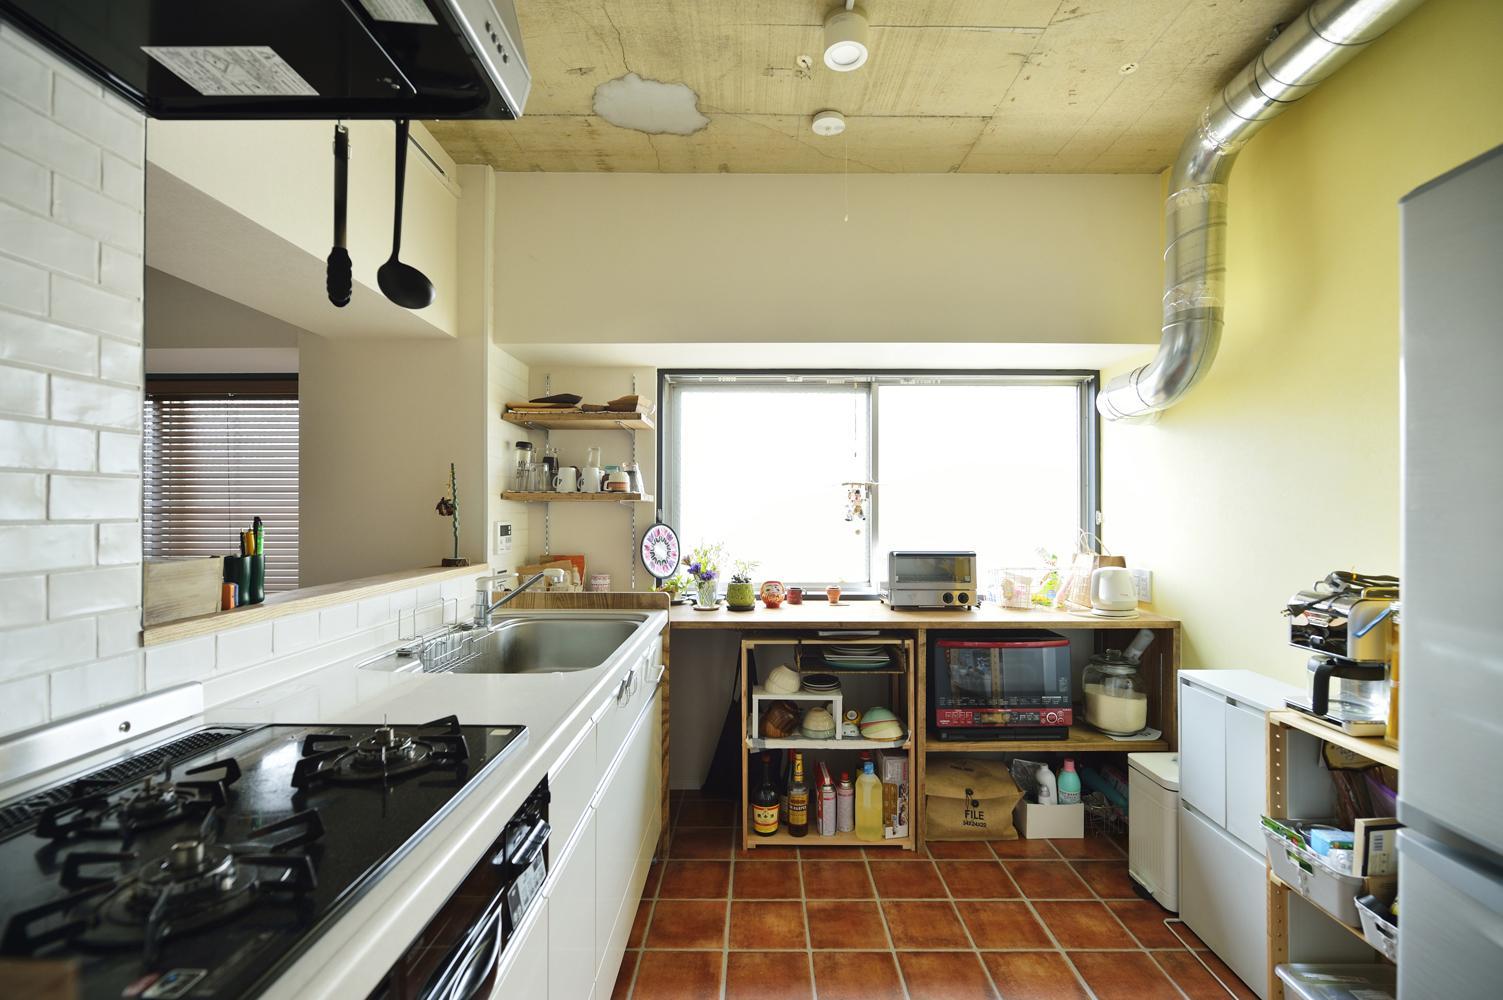 リフォーム・リノベーション会社:スタイル工房「K邸・ビンテージマンションを自分色に」